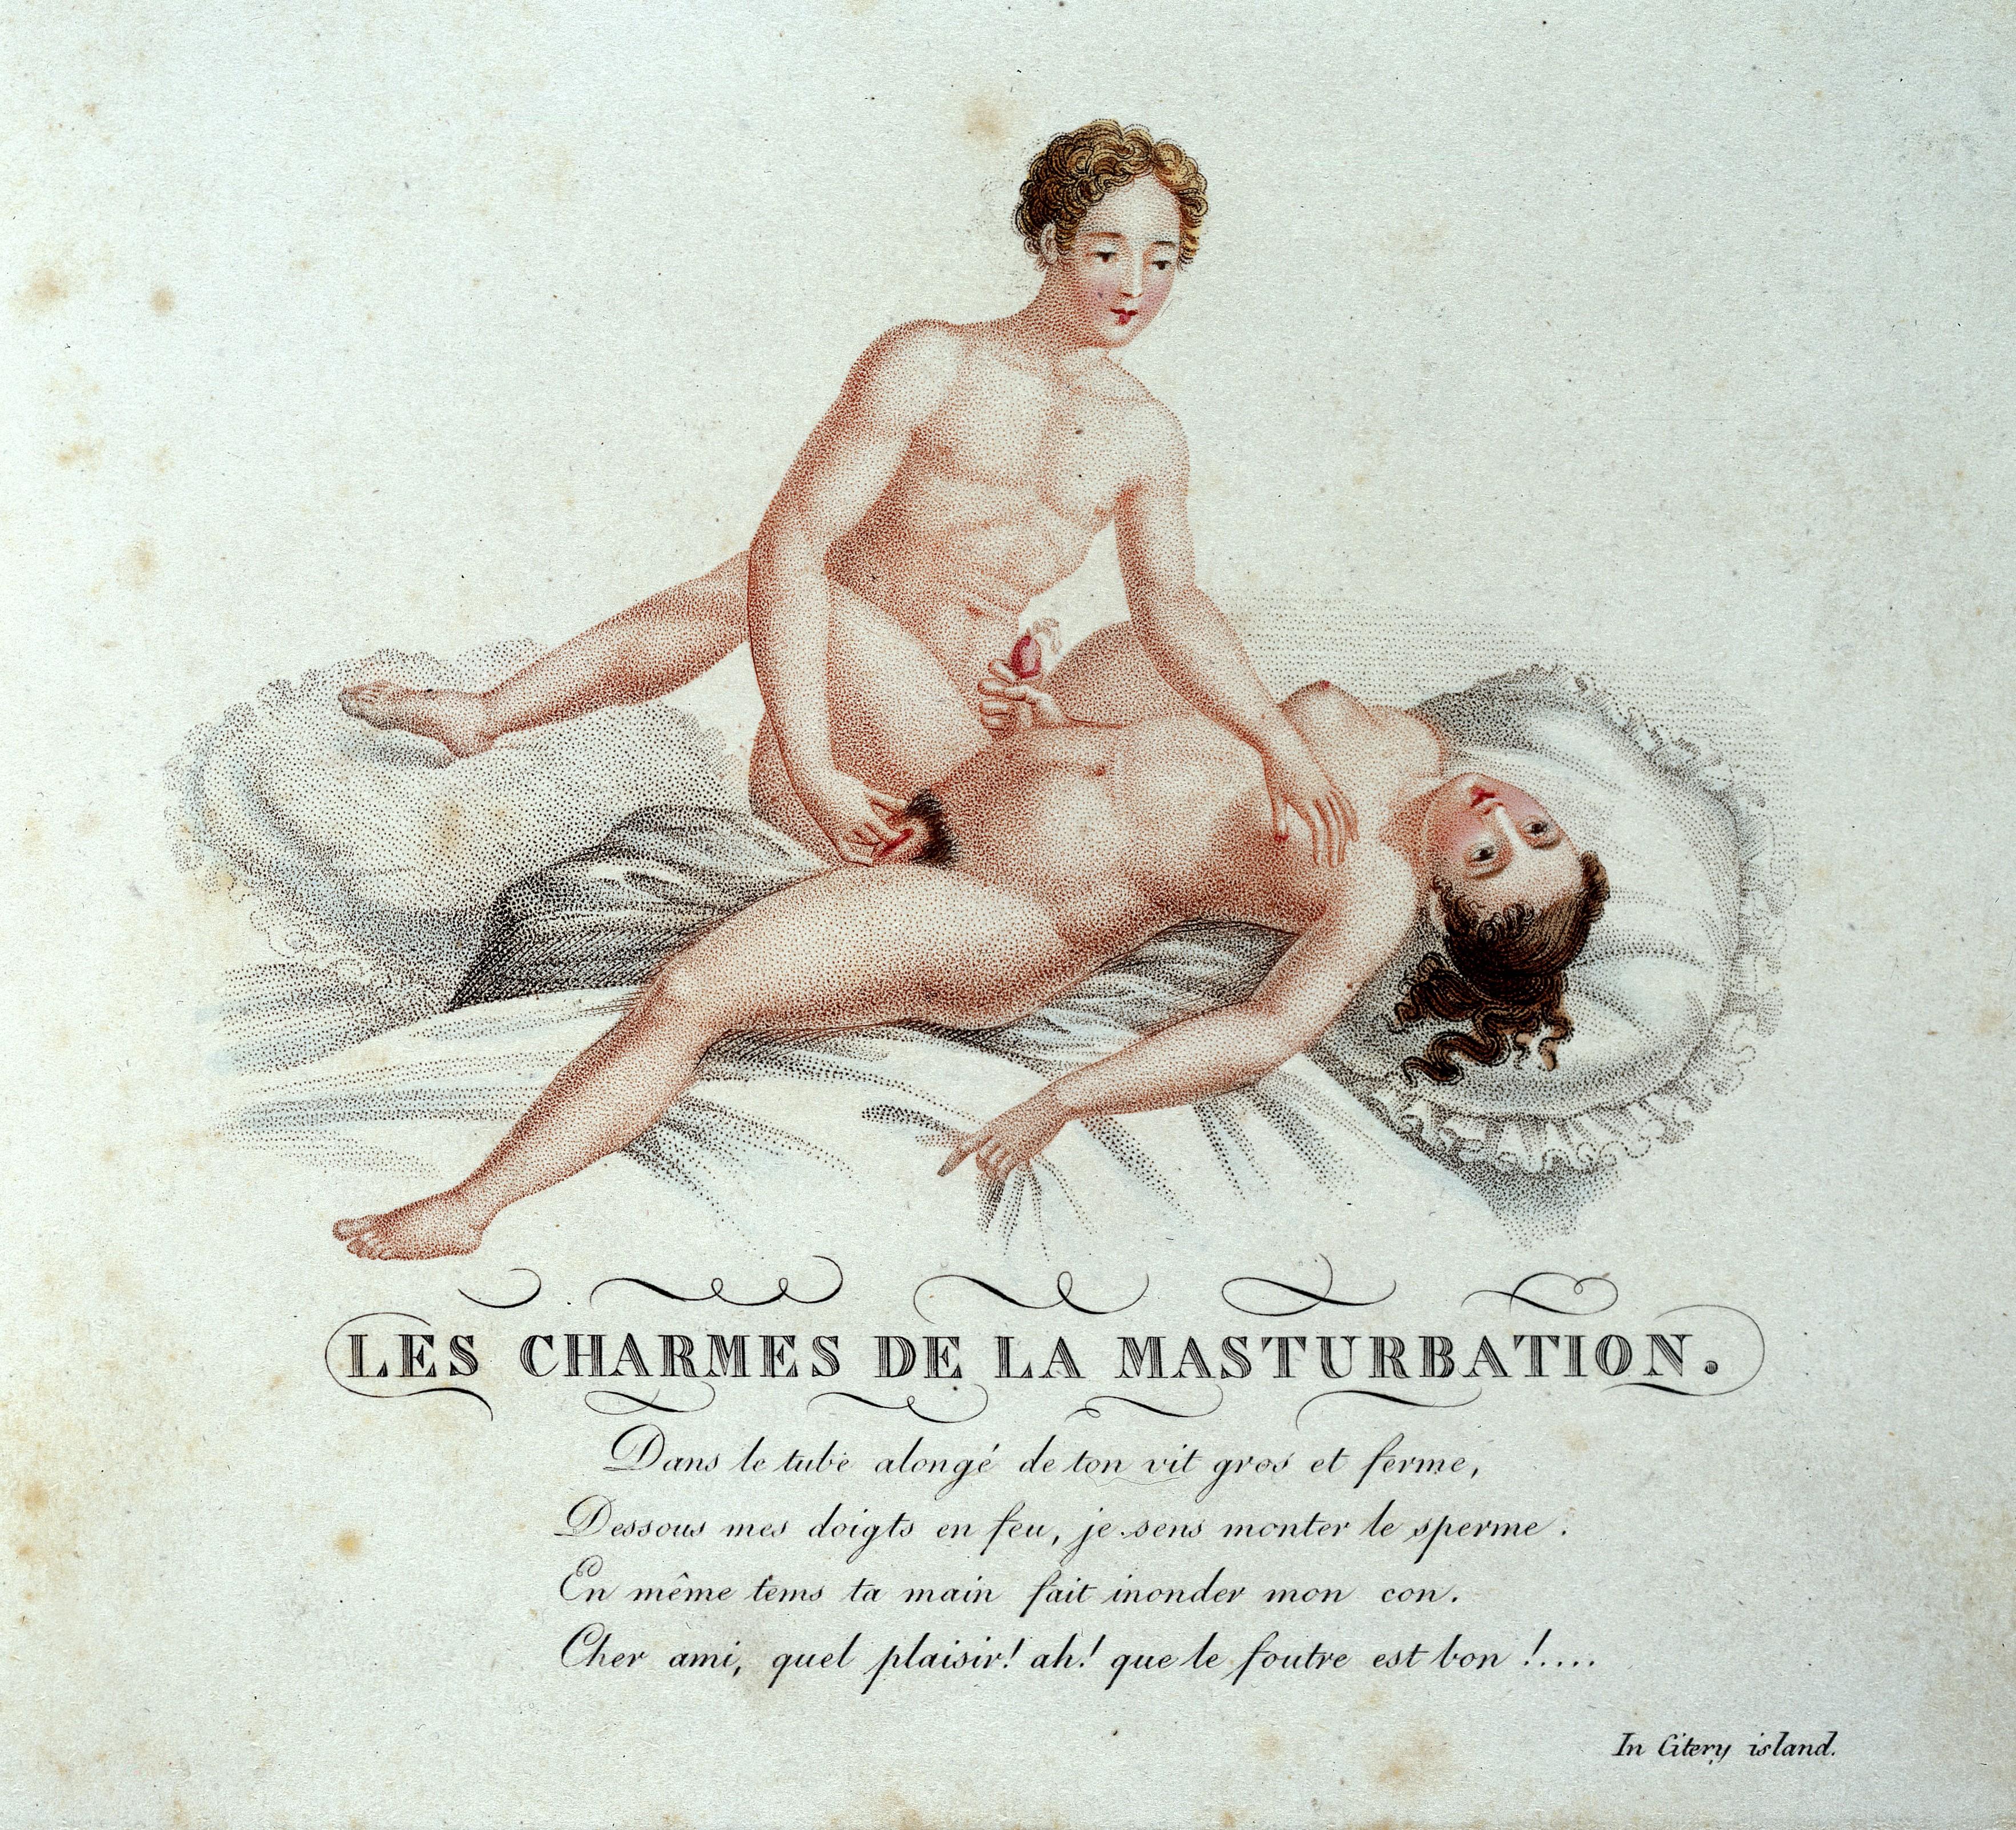 nincs erekció másokon felálló állapotában a pénisz lóg